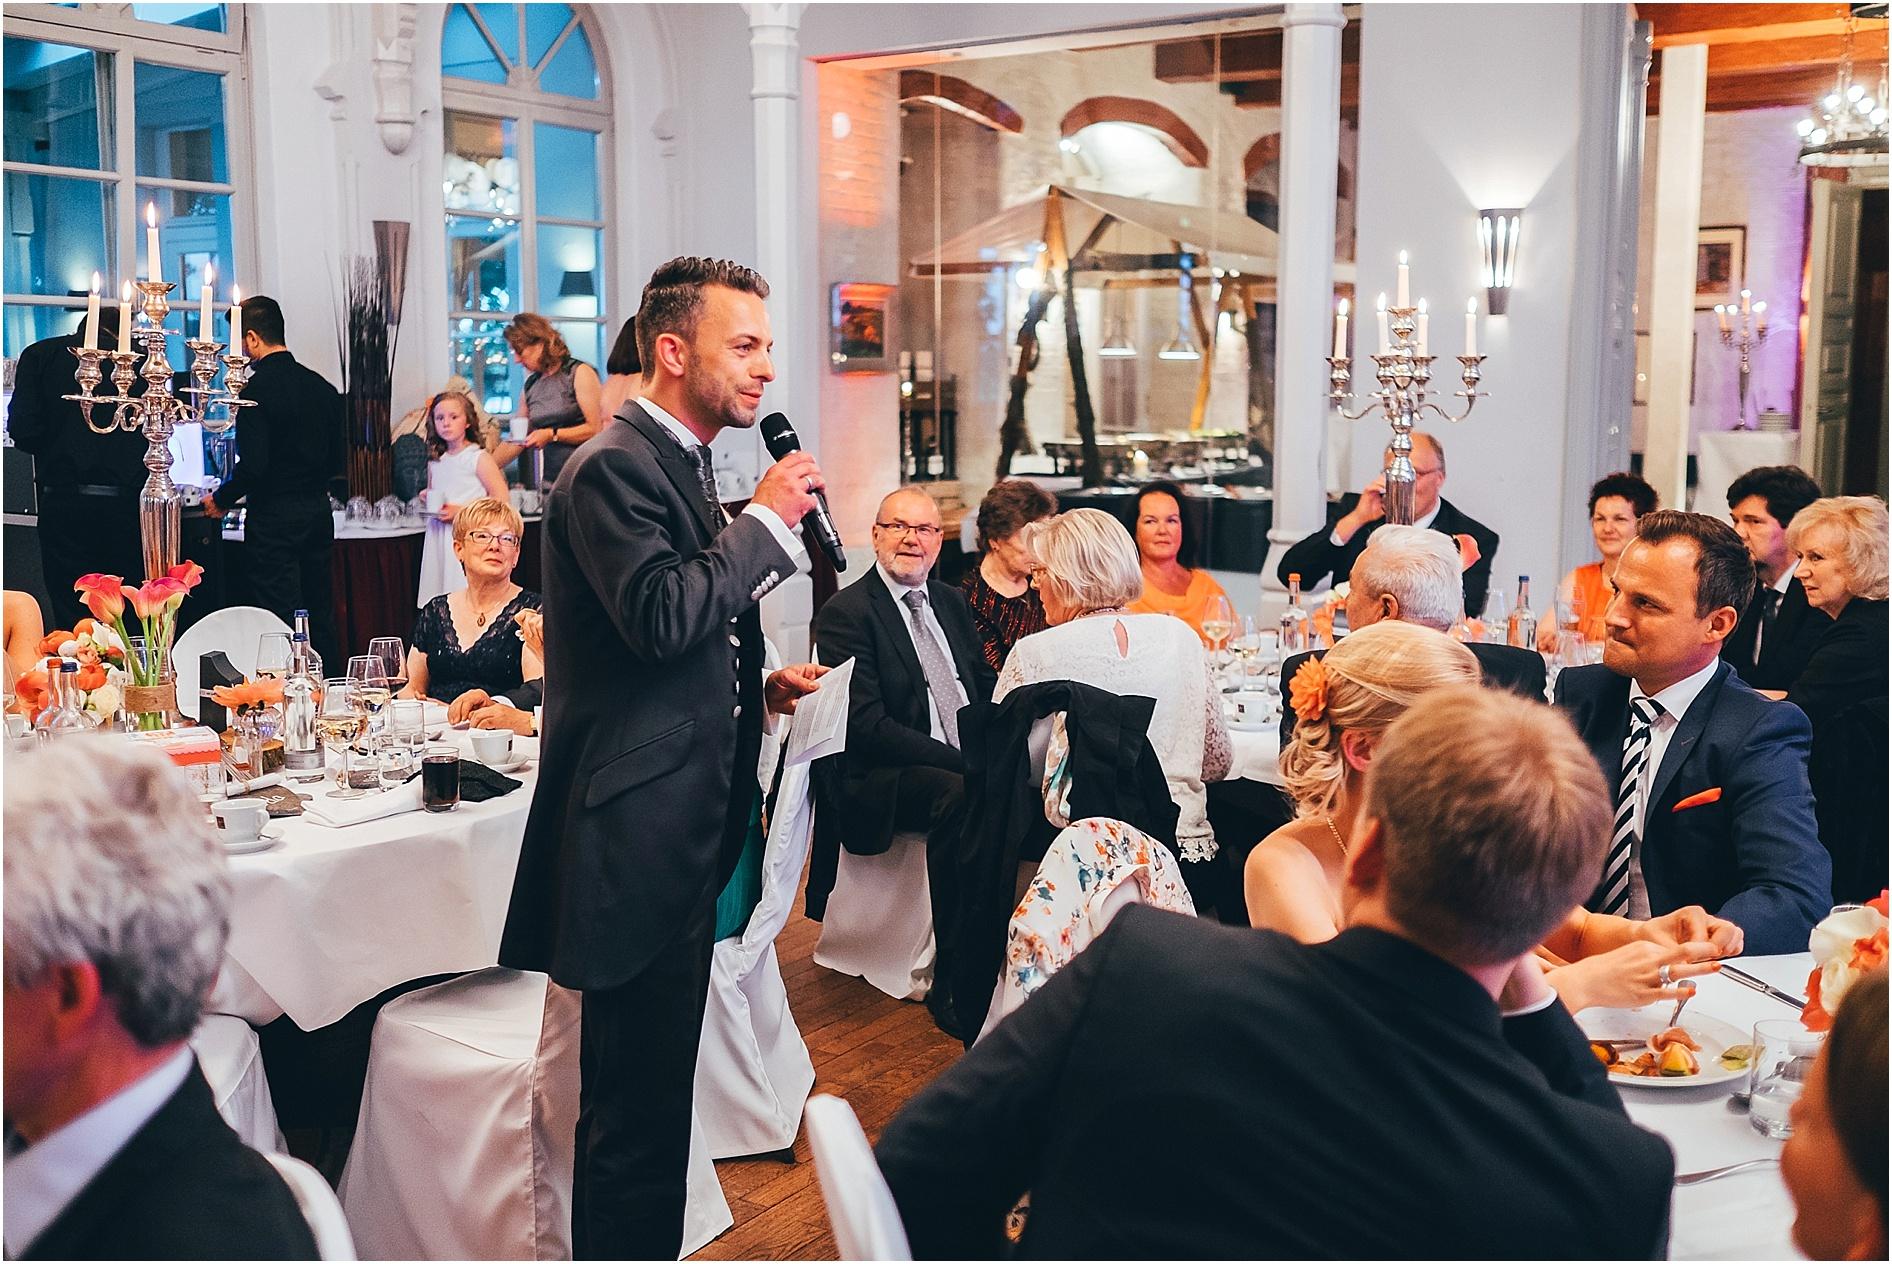 2015-10-27_0101 Tine & Chrischan - Hochzeitsfilm & Fotos in Lüneburg